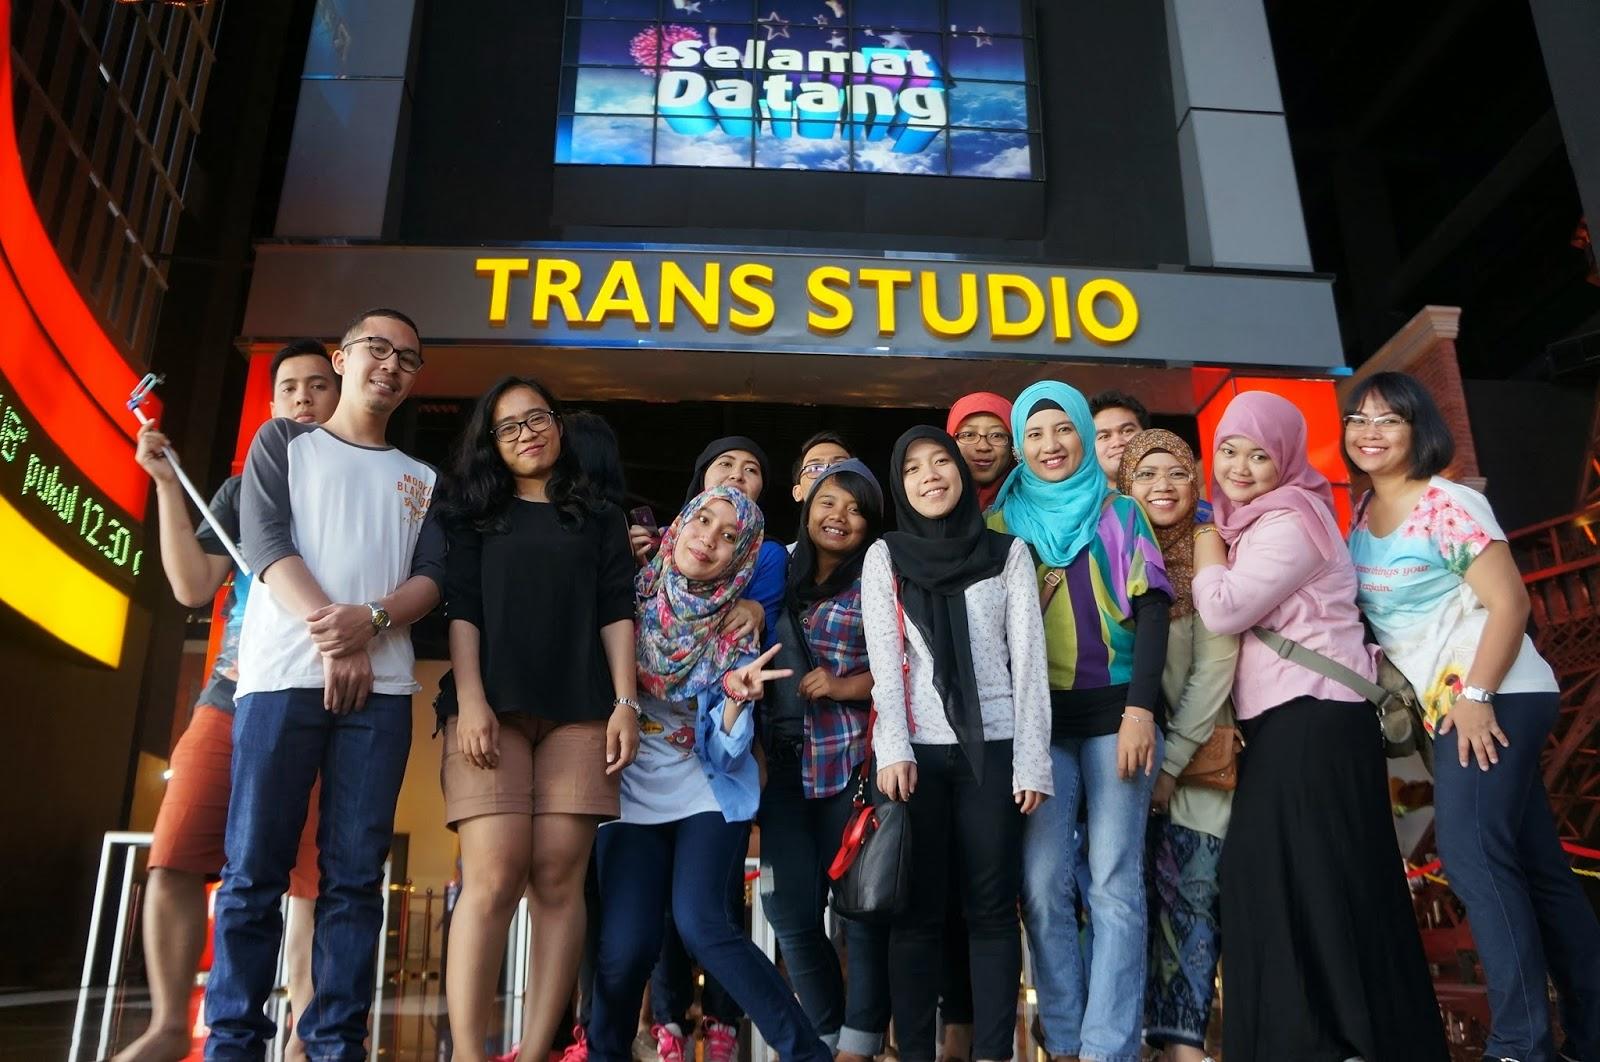 Through Her Eyes 2014 Tiket Trans Studio Bandung Tour Akasia Organizer Namun Untuk Kali Ini Saya Tidak Bisa Menolak Karena Wisata Ke Merupakan Salah Satu Acara Yang Termasuk Dalam Outing Kantor